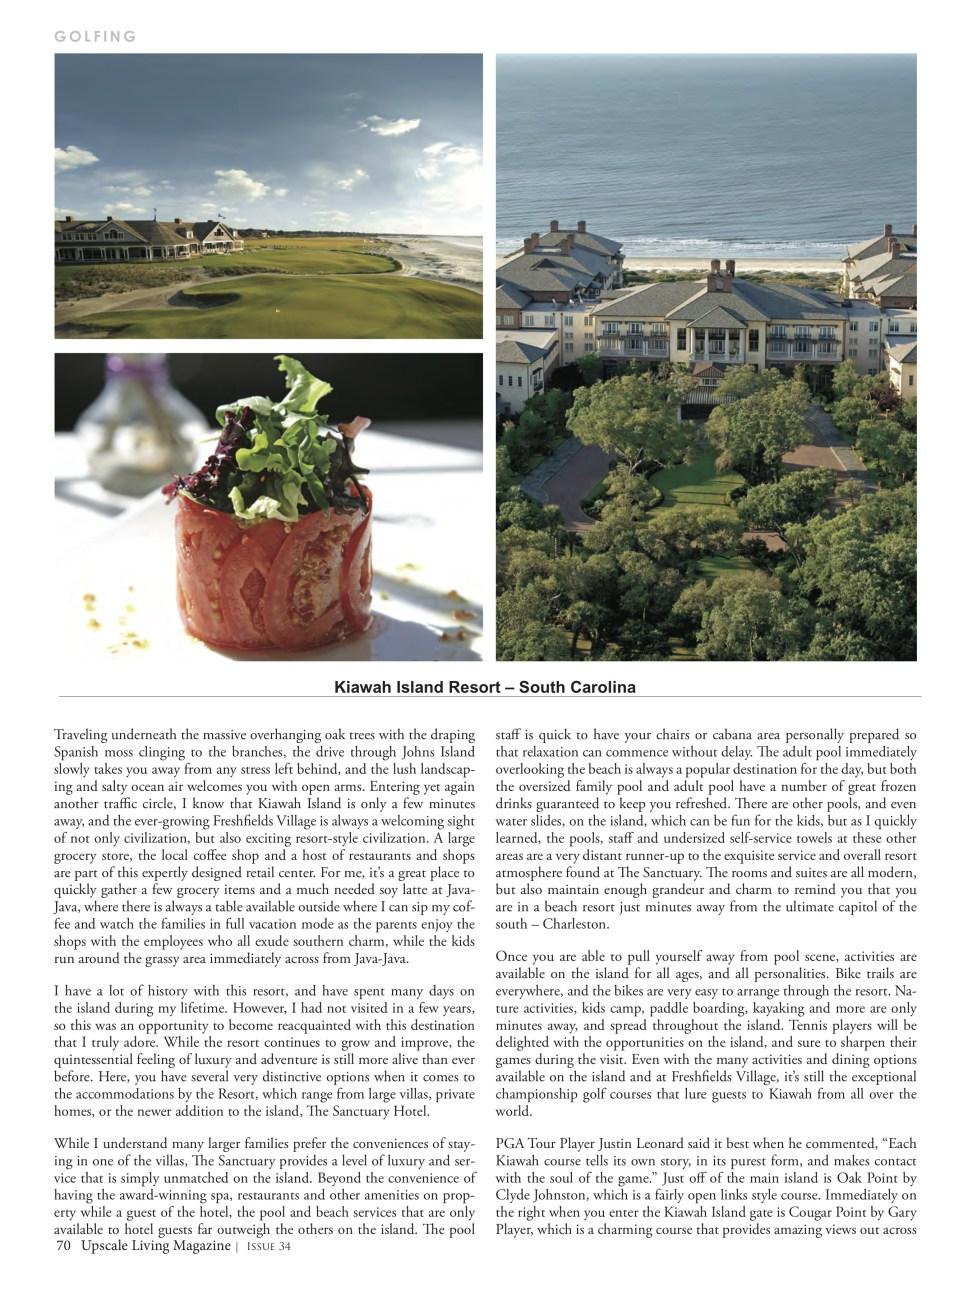 ULM_Damon-M-Banks_Pinehurst_Kiawah_Sea-Pines_GolfResorts_3